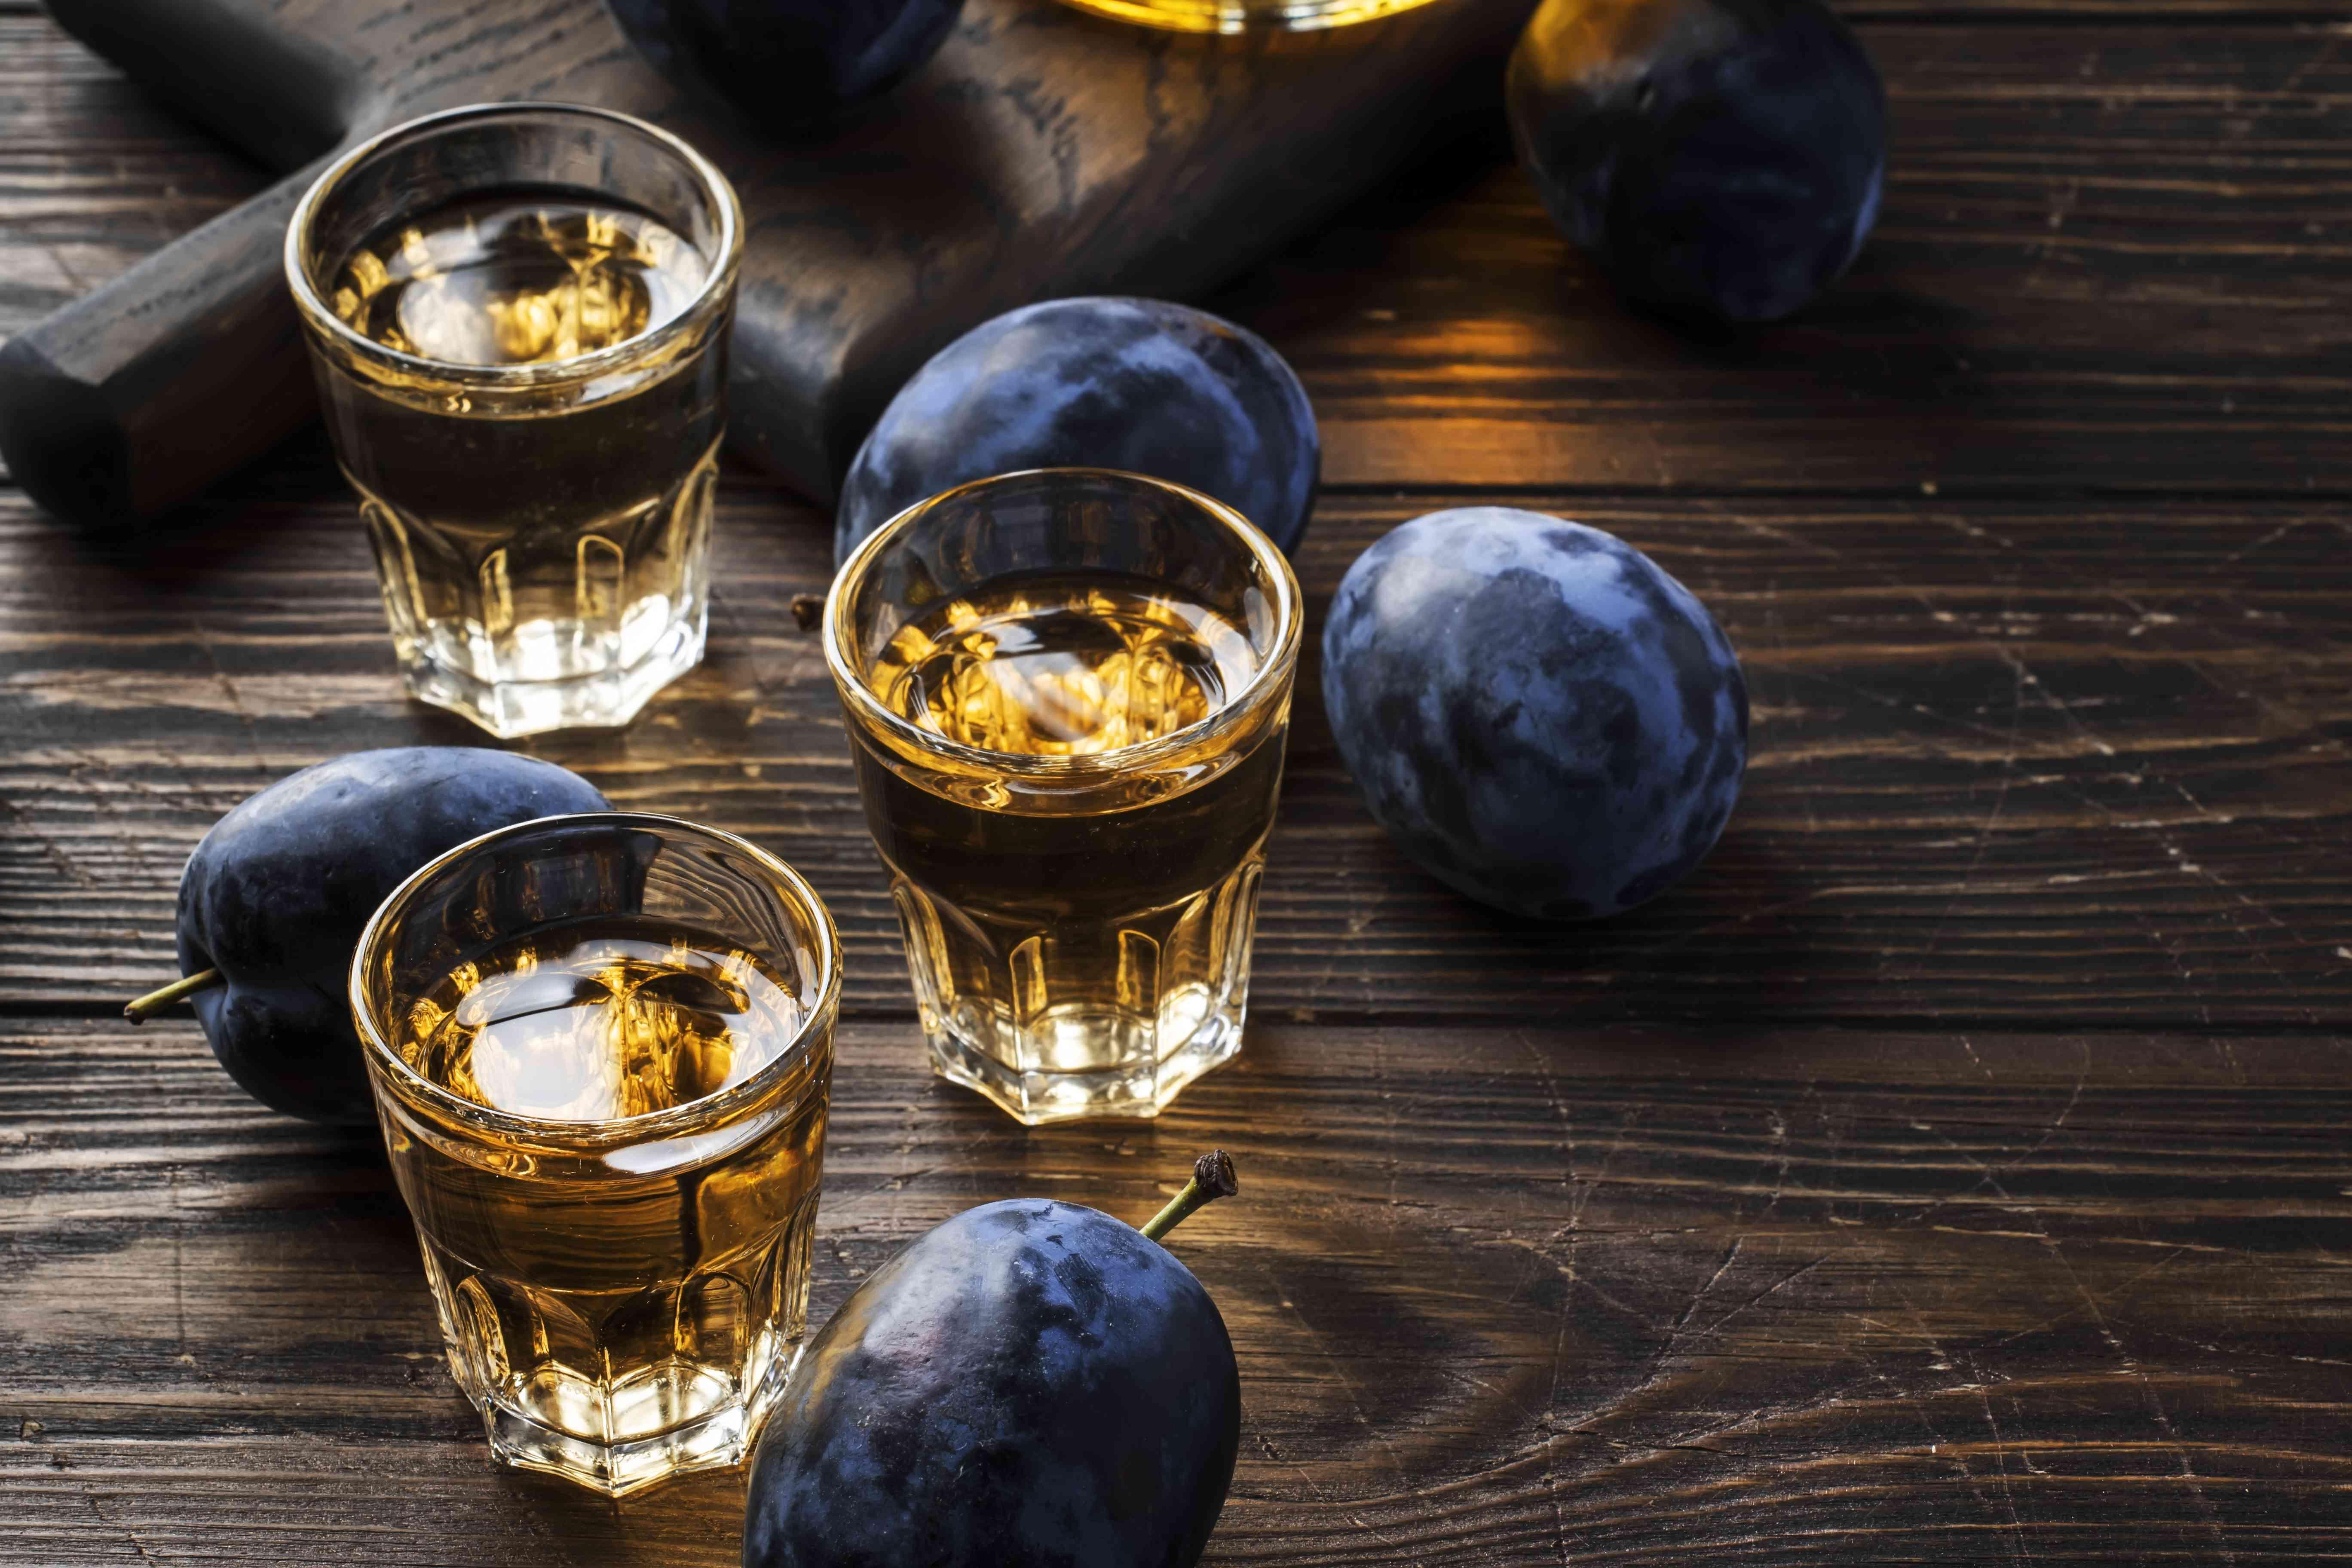 Slivovica - brandy de ciruela o vodka de ciruela, licor fuerte, bebida fuerte en vasos en una mesa de madera vieja, ciruelas frescas, espacio de copia